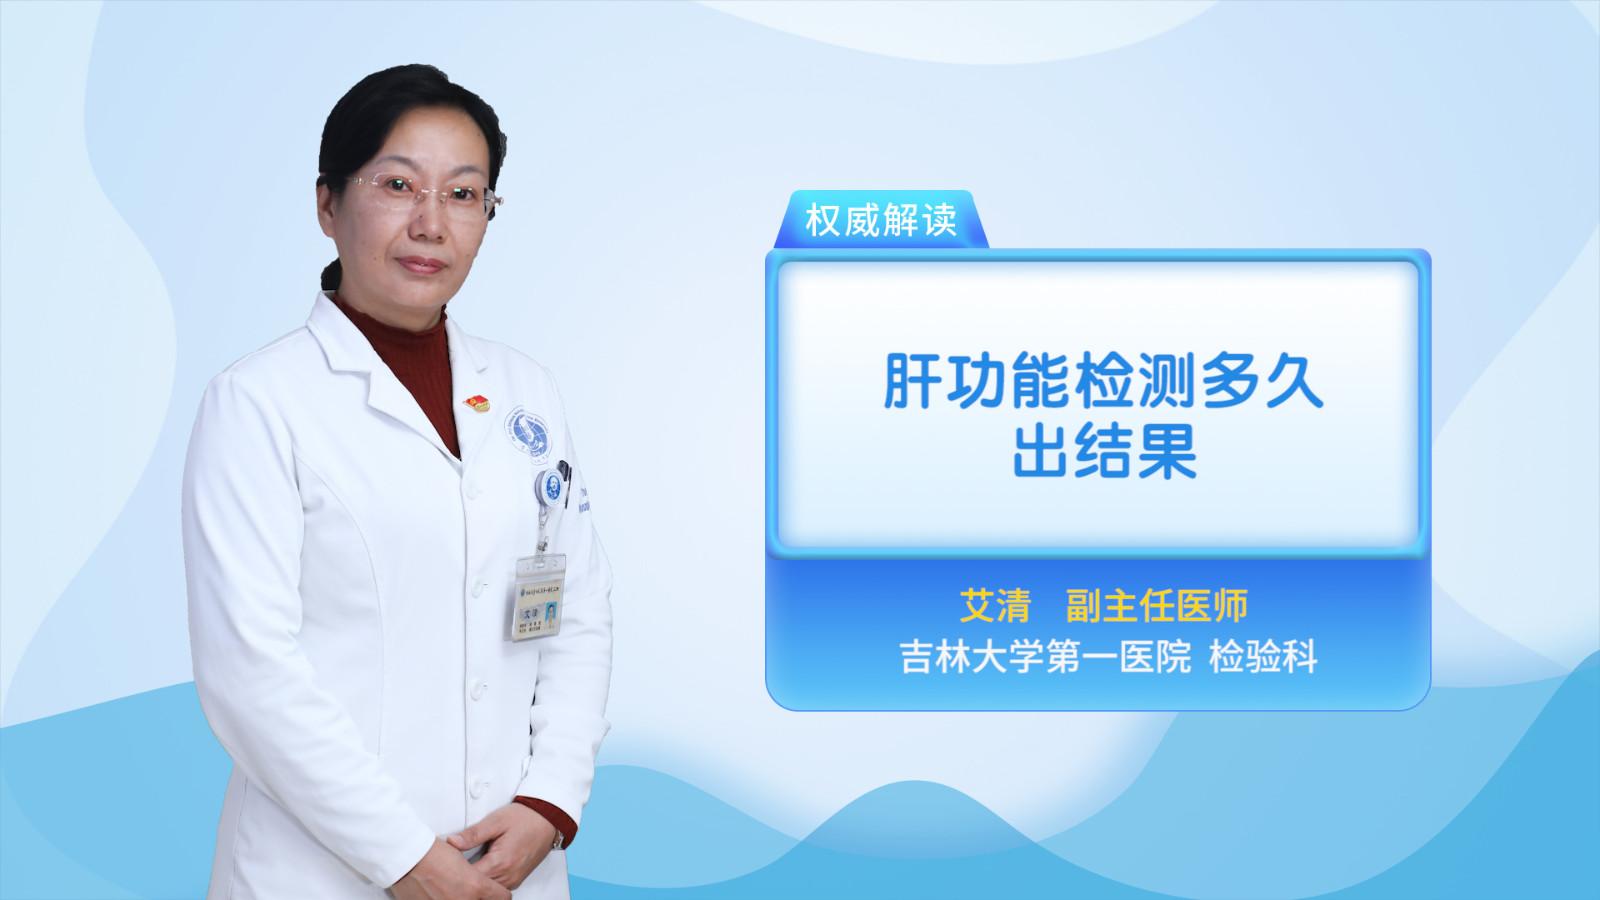 肝功能检测多久出结果